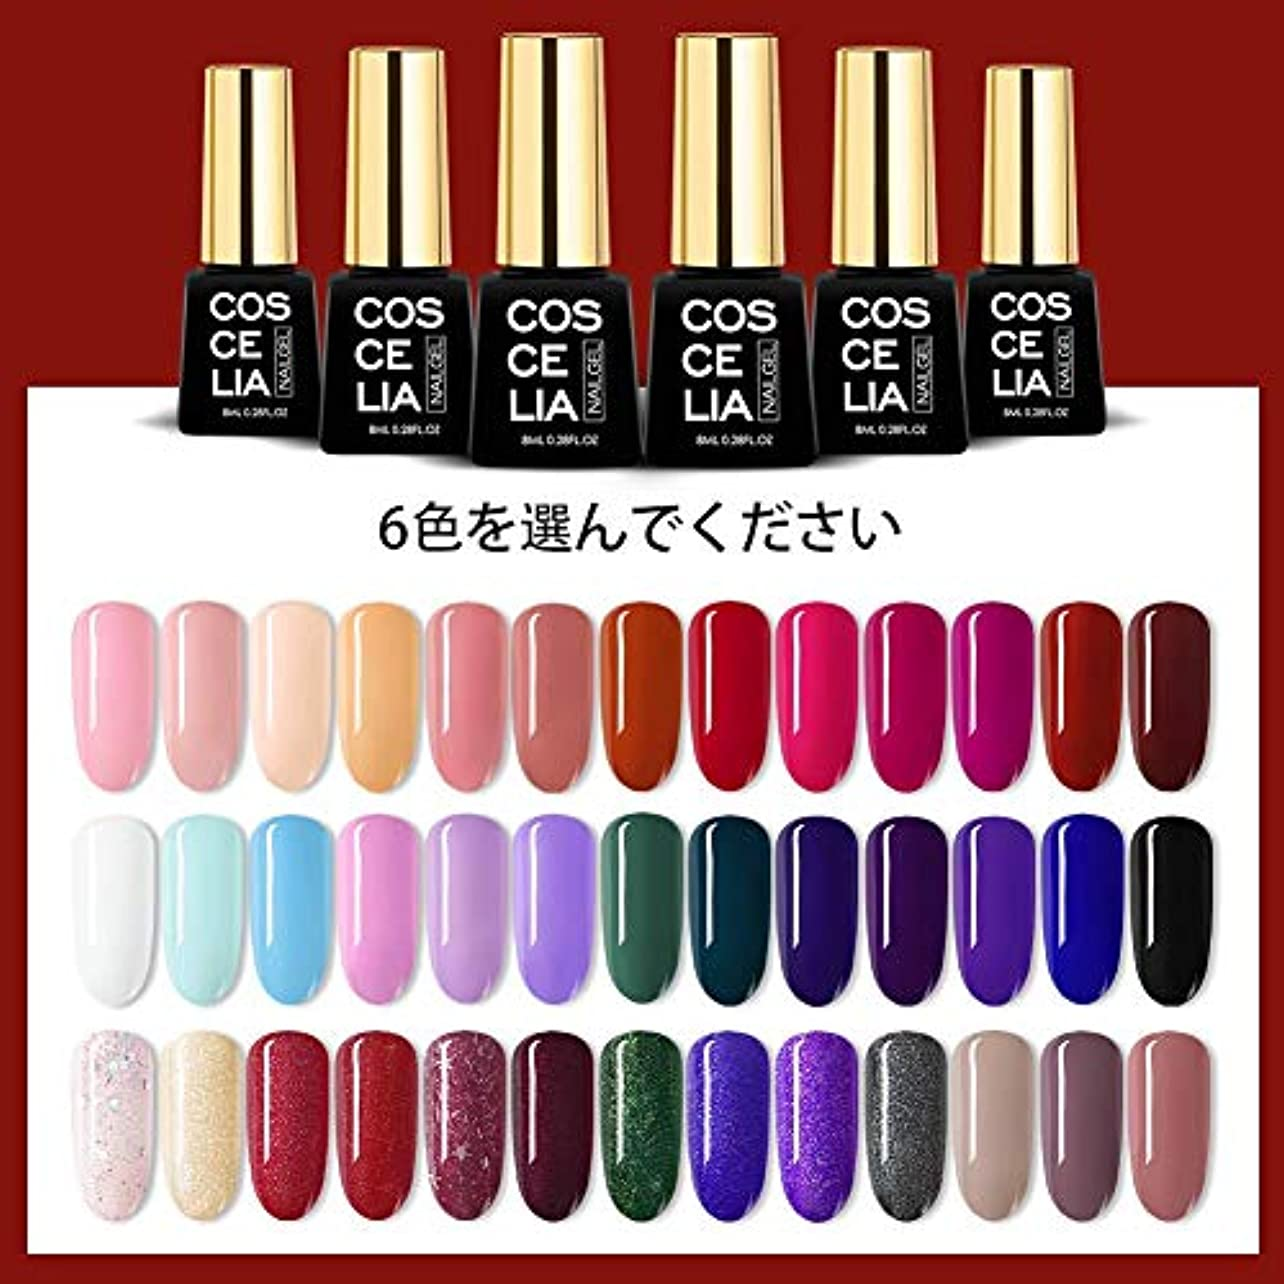 マスタード火薬シャーロックホームズ6色ネイルカラージェル マニキュアきっと ジェルネイル キット UV+LEDライト適用 セルフネイル キット 6色を選んでください